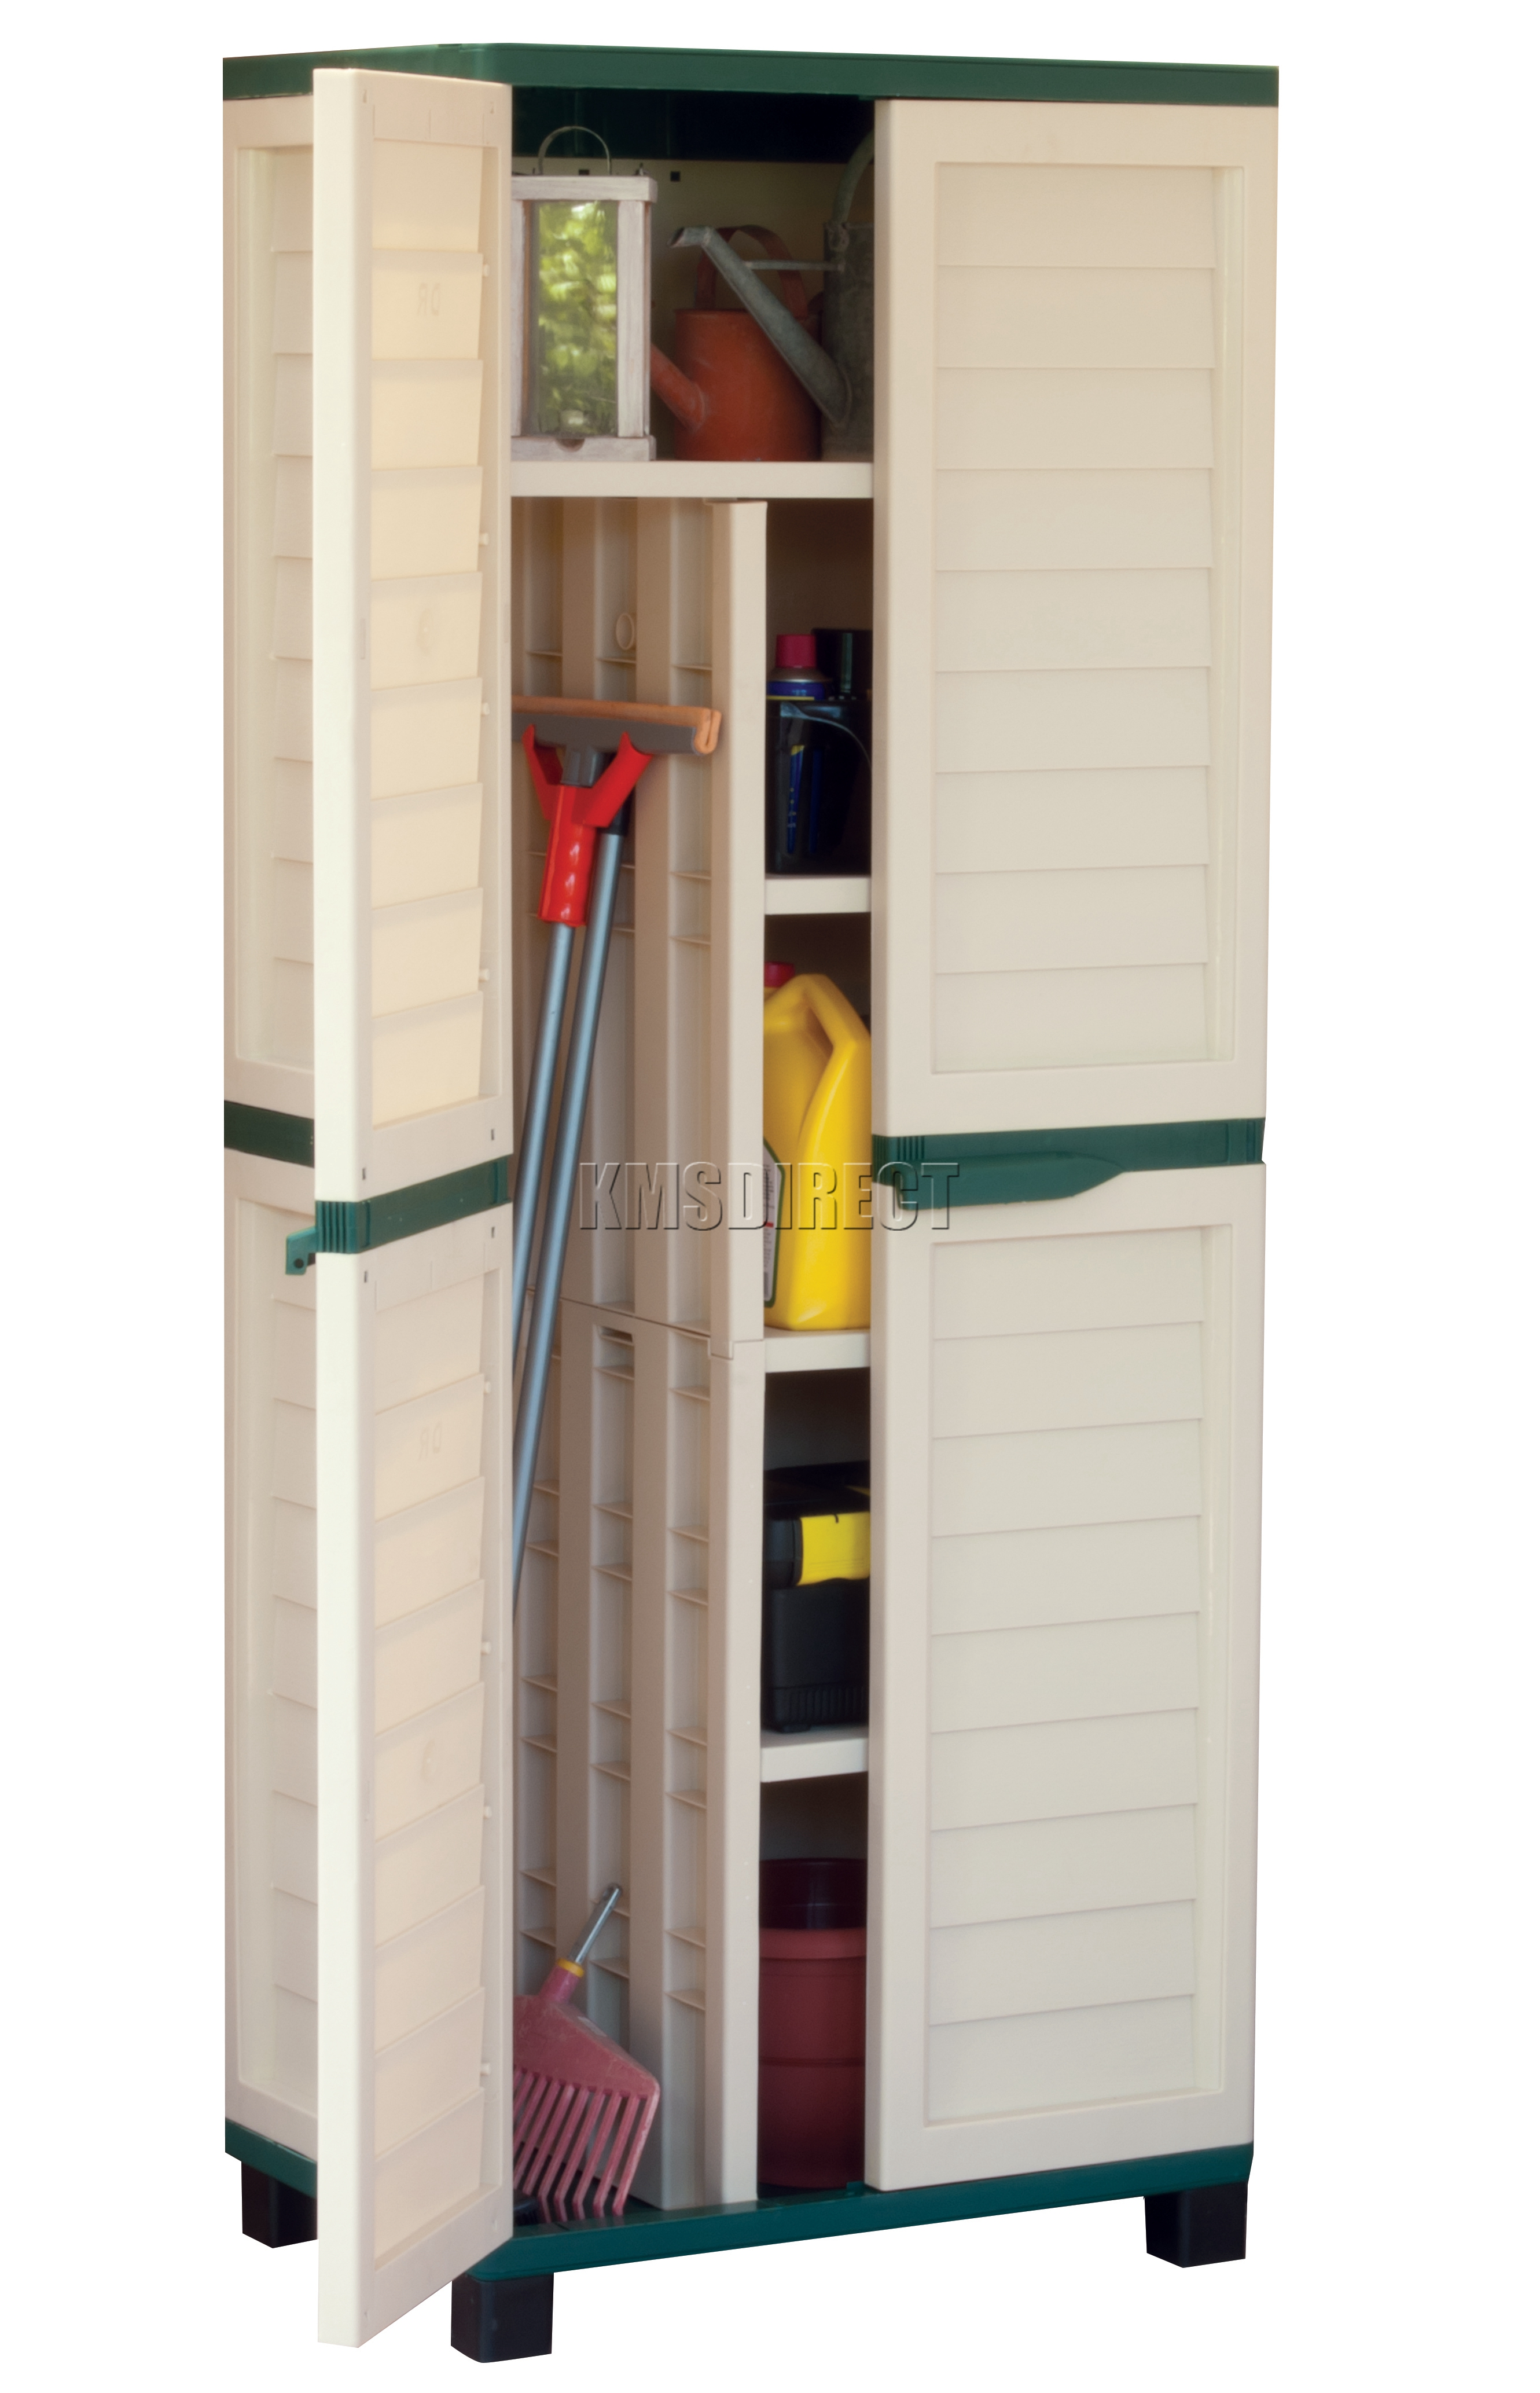 Starplast-Outdoor-Plastic-Garden-Utility-Cabinet-With-Partition-  sc 1 st  eBay & Starplast Outdoor Plastic Garden Utility Cabinet With Partition ...